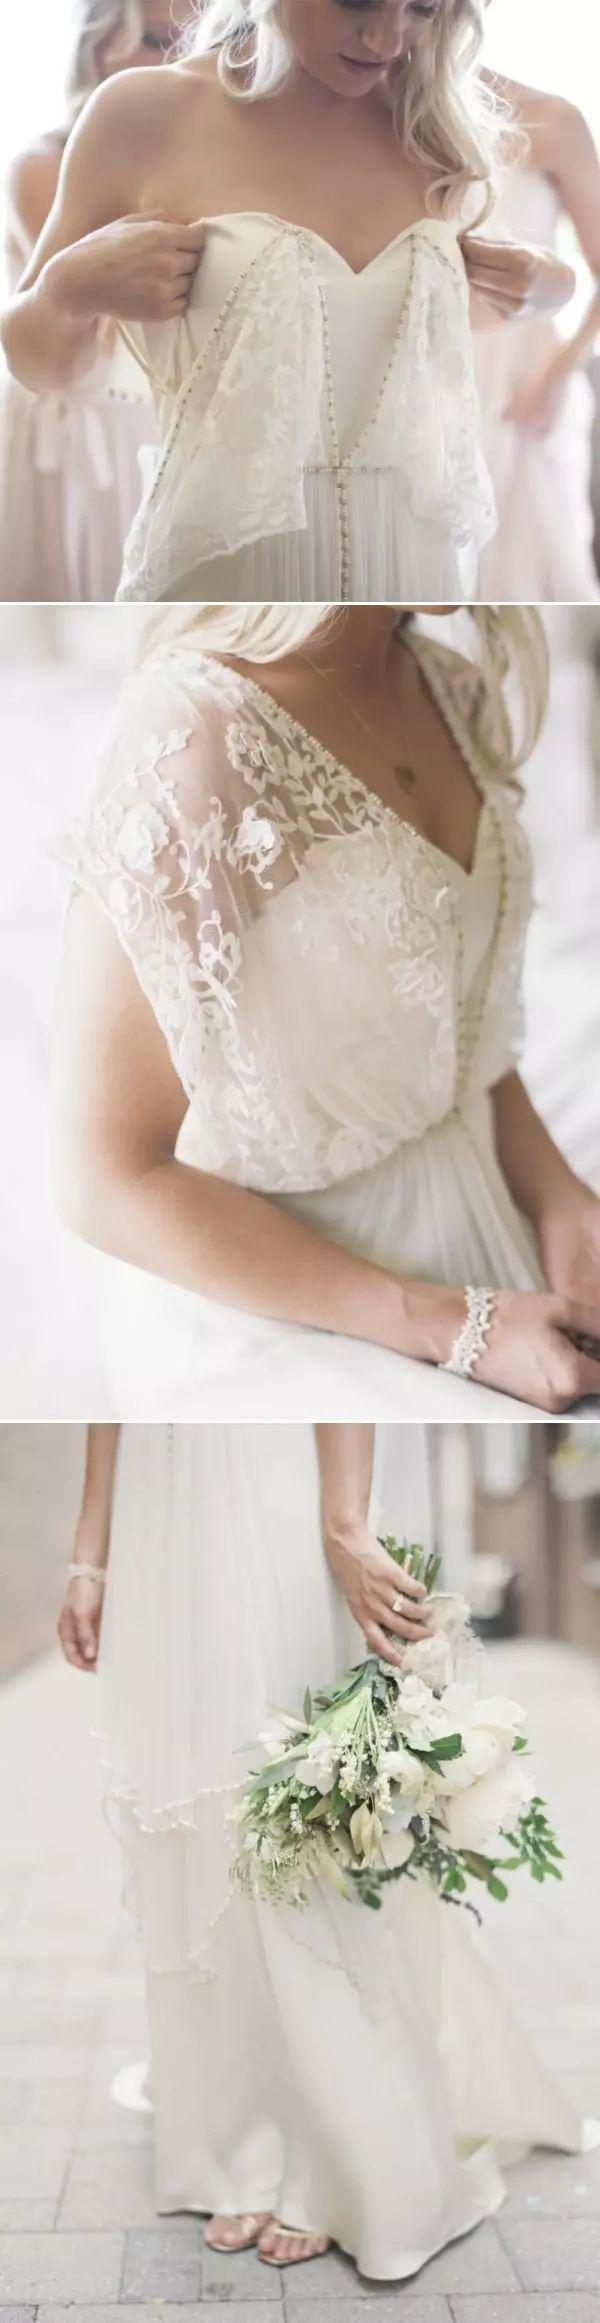 Top 20 Vintage Brautkleider für 2019 Trends - #Hochzeitskleider # für #Hochzeitsmanschettenknöpfe